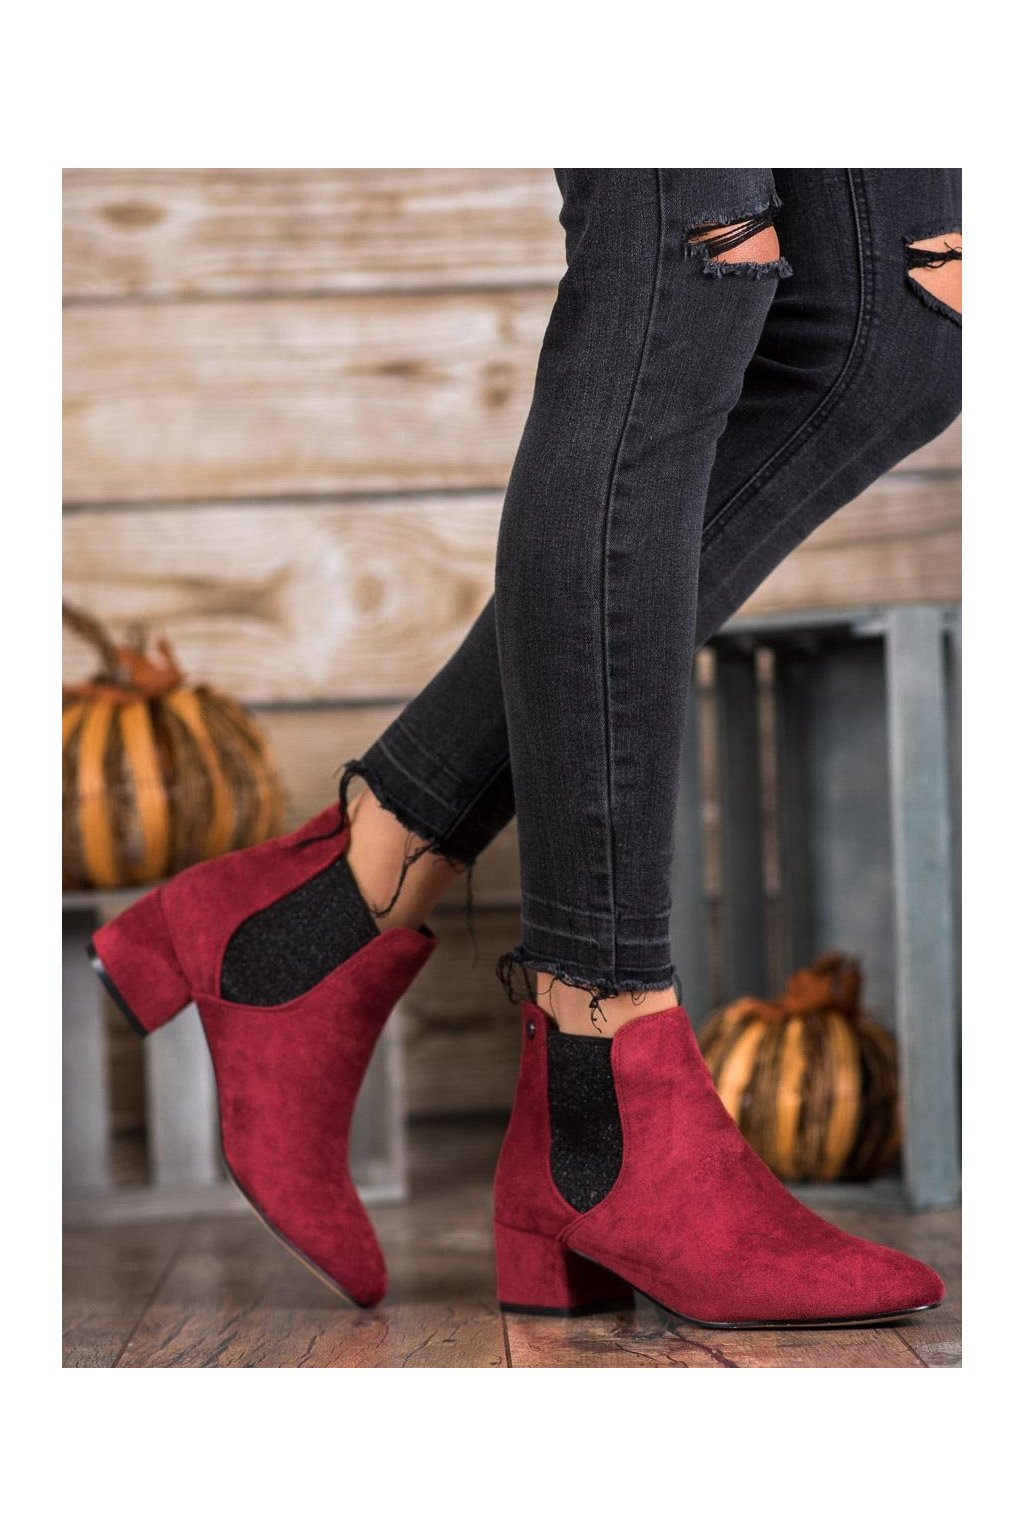 Červené dámske topánky na hrubom podpätku Ideal shoes kod B-6858WI